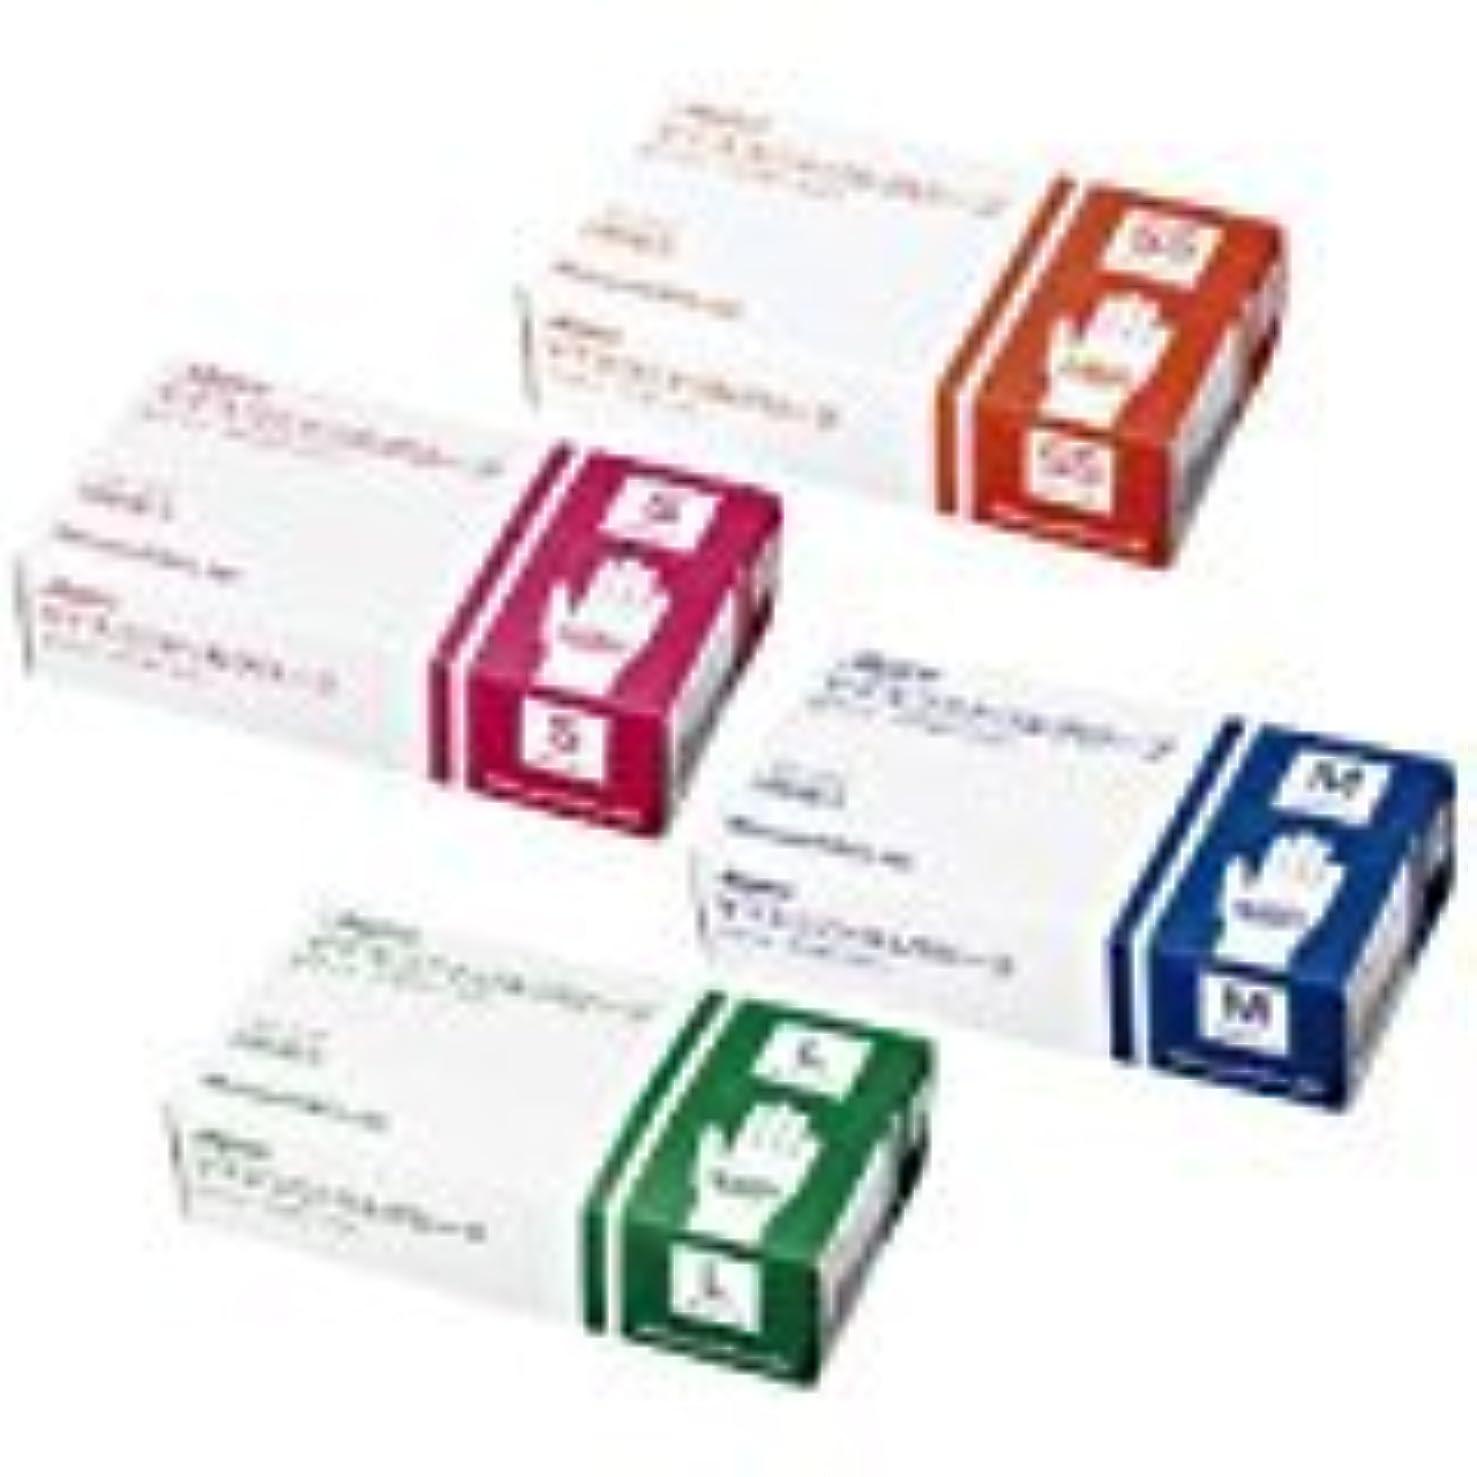 ソケット哲学的ディスカウントマイスコ ニトリルグローブ ホワイト MY-7552(M)100???? 10箱セット